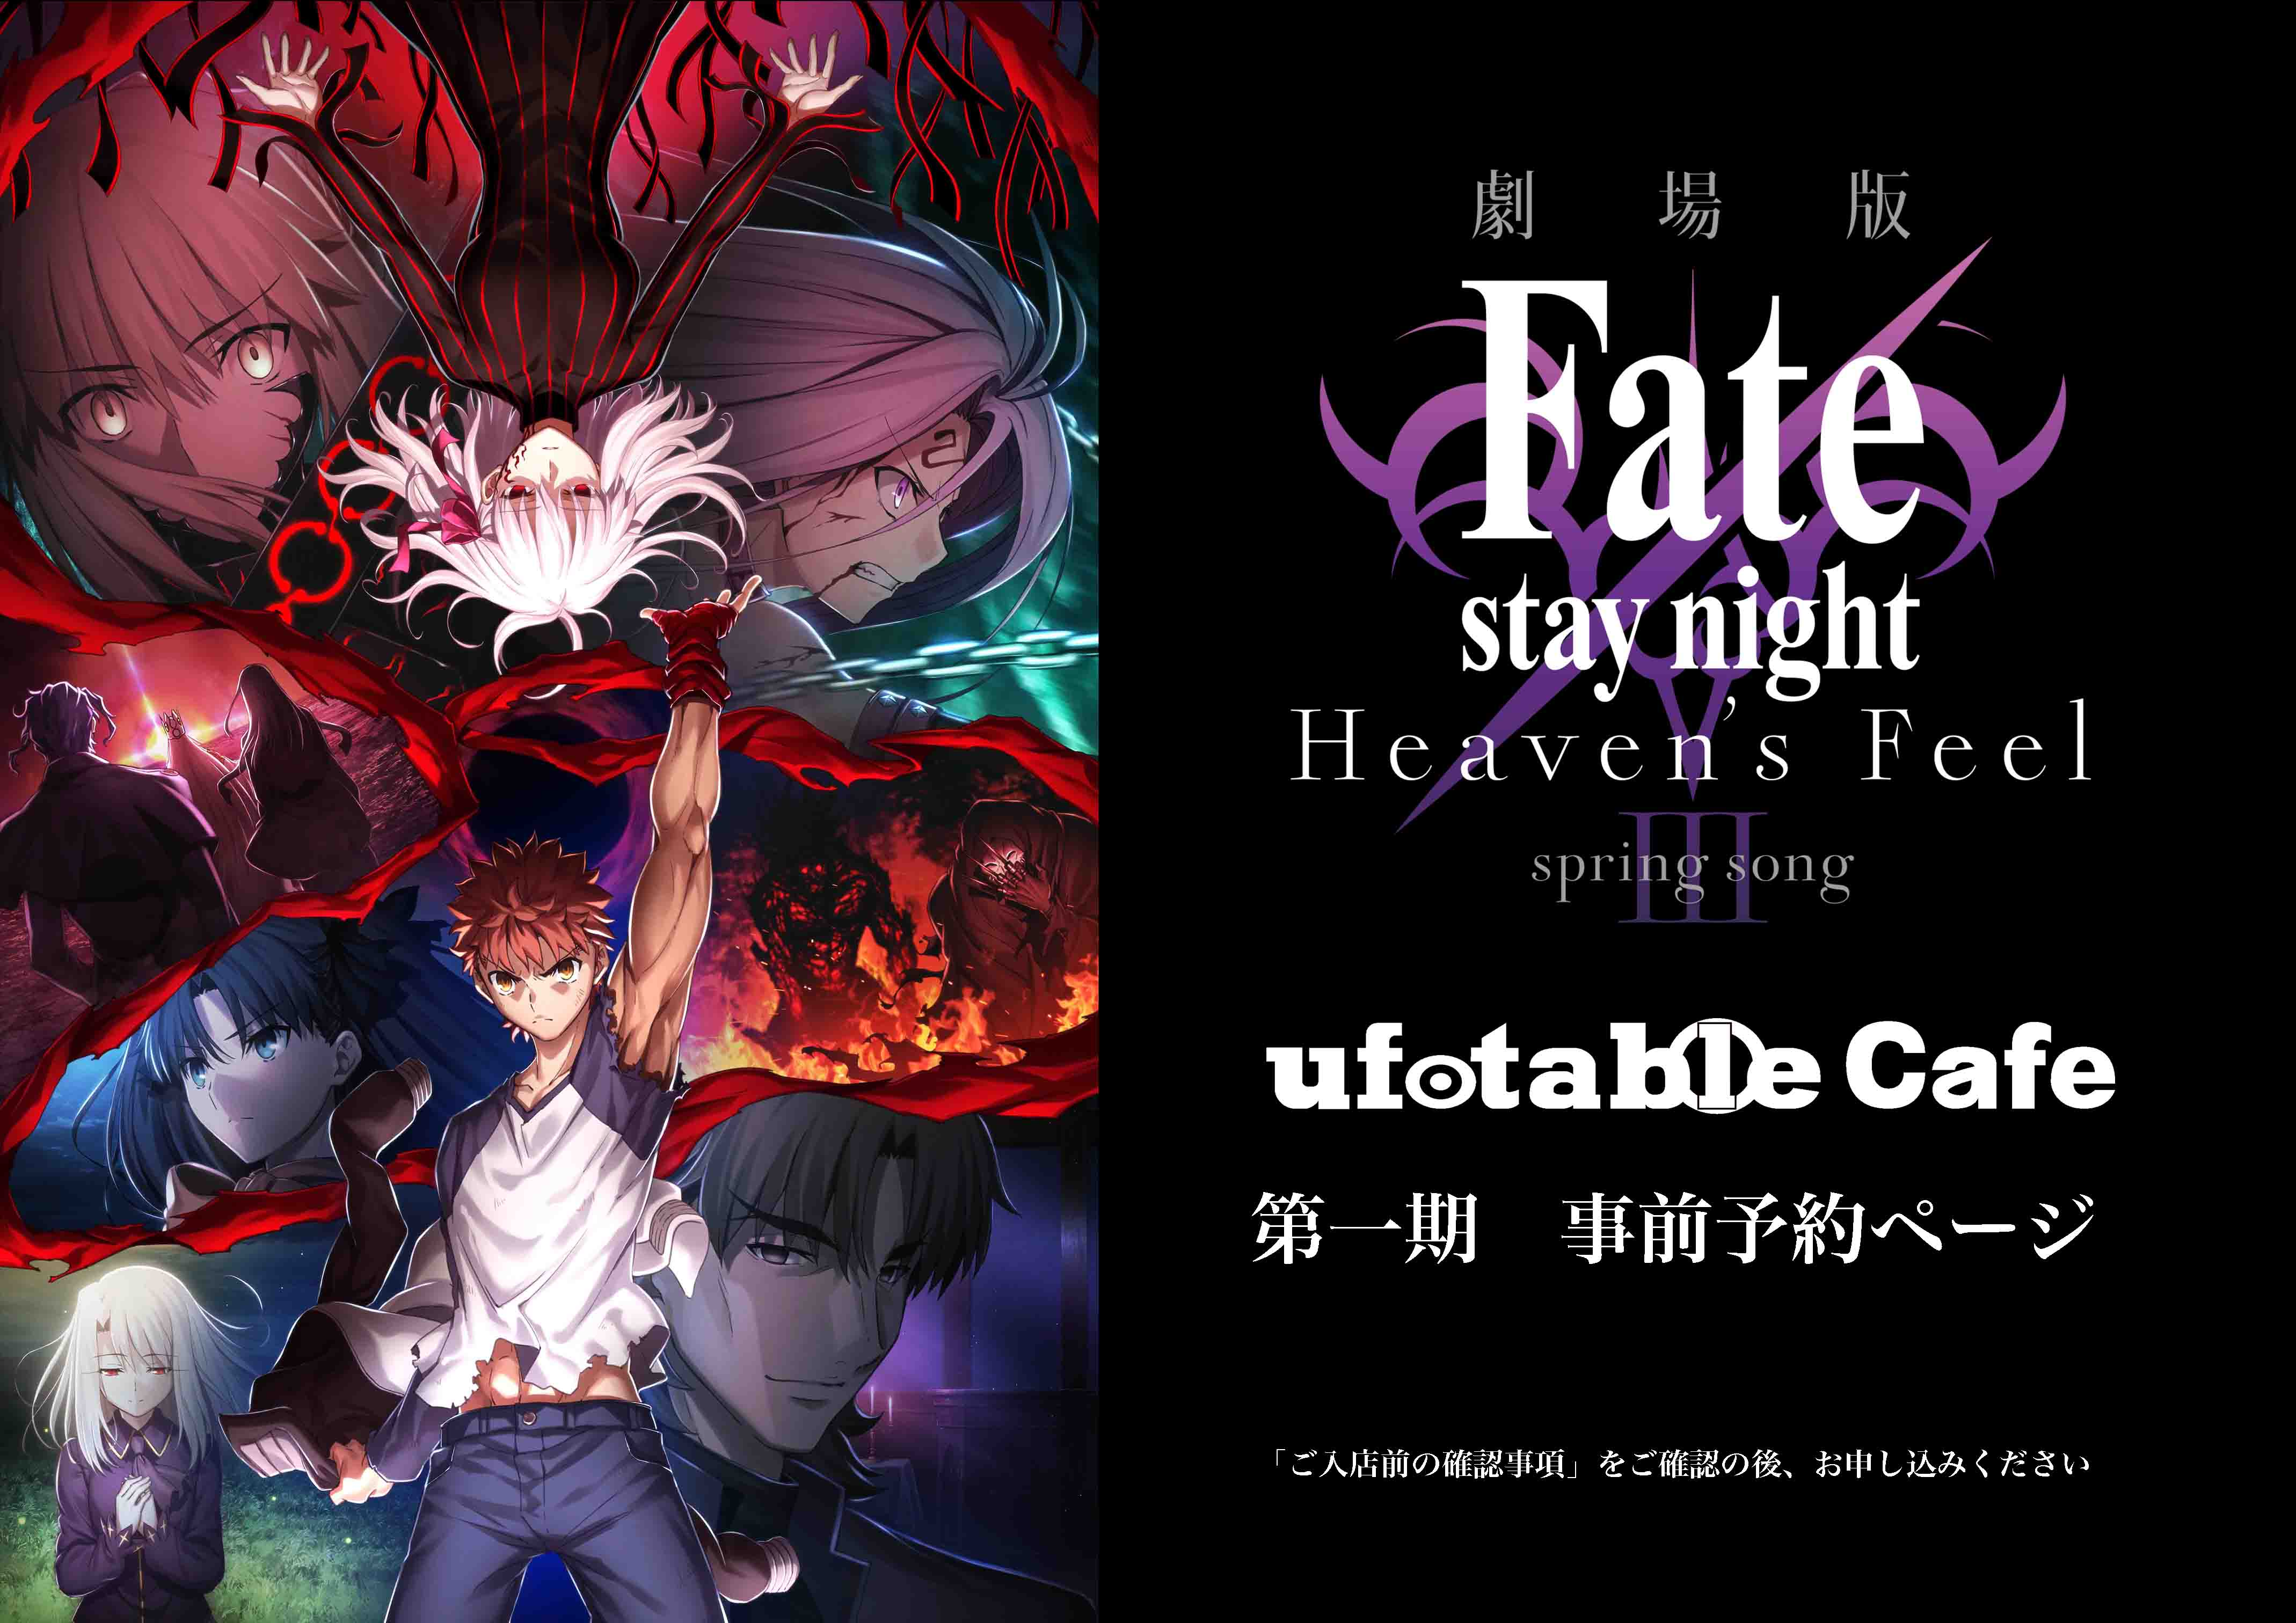 【名古屋】ufotableCafe NAGOYA 8/19(水) 劇場版「Fate/stay night[Heaven's Feel]」Ⅲ.spring songコラボレーションカフェ